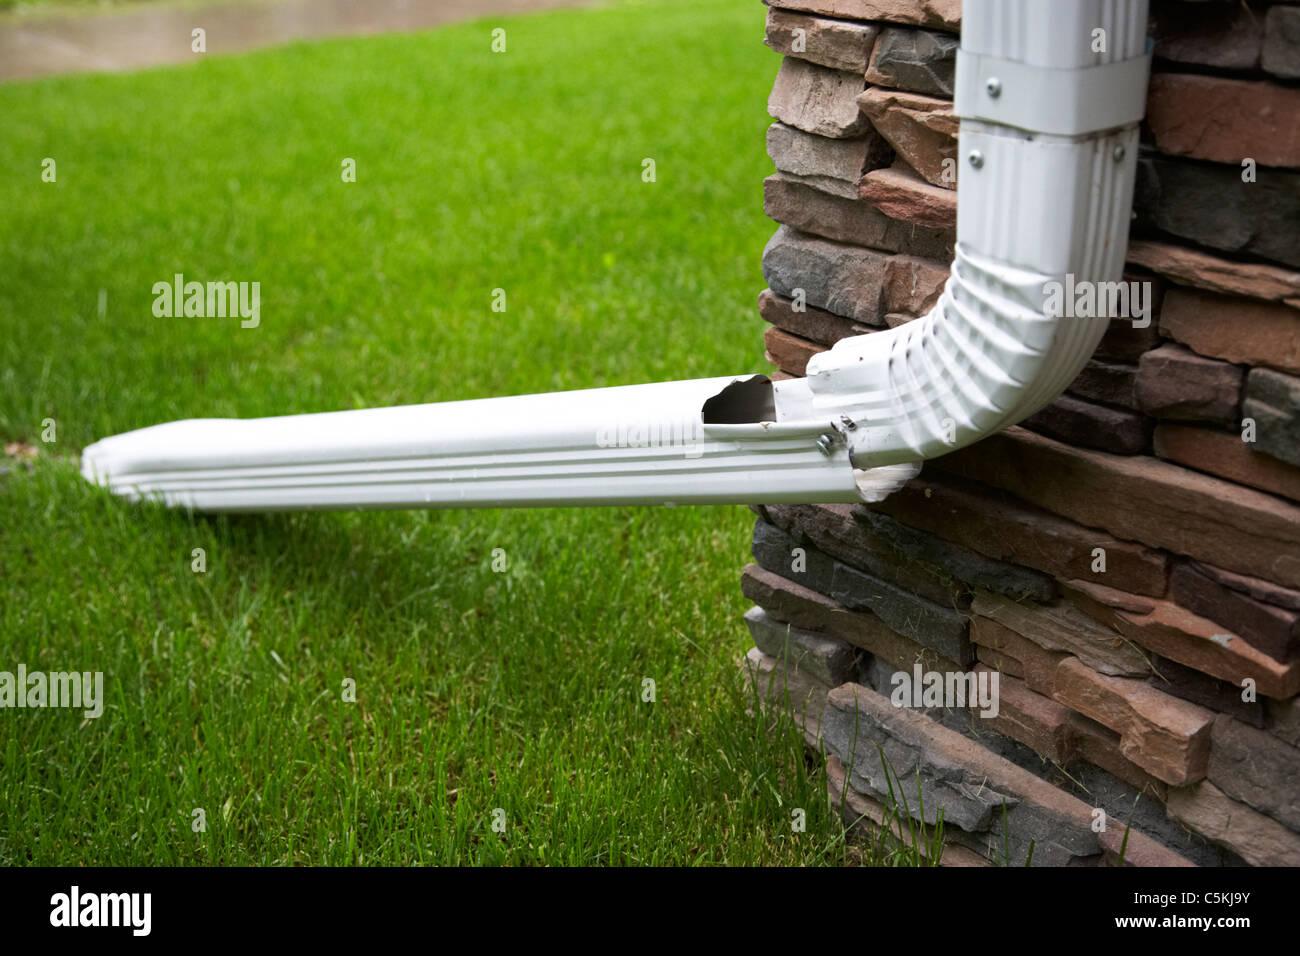 La goulotte de vidange à l'extension se protéger de la pluie à l'écart du bâtiment Photo Stock